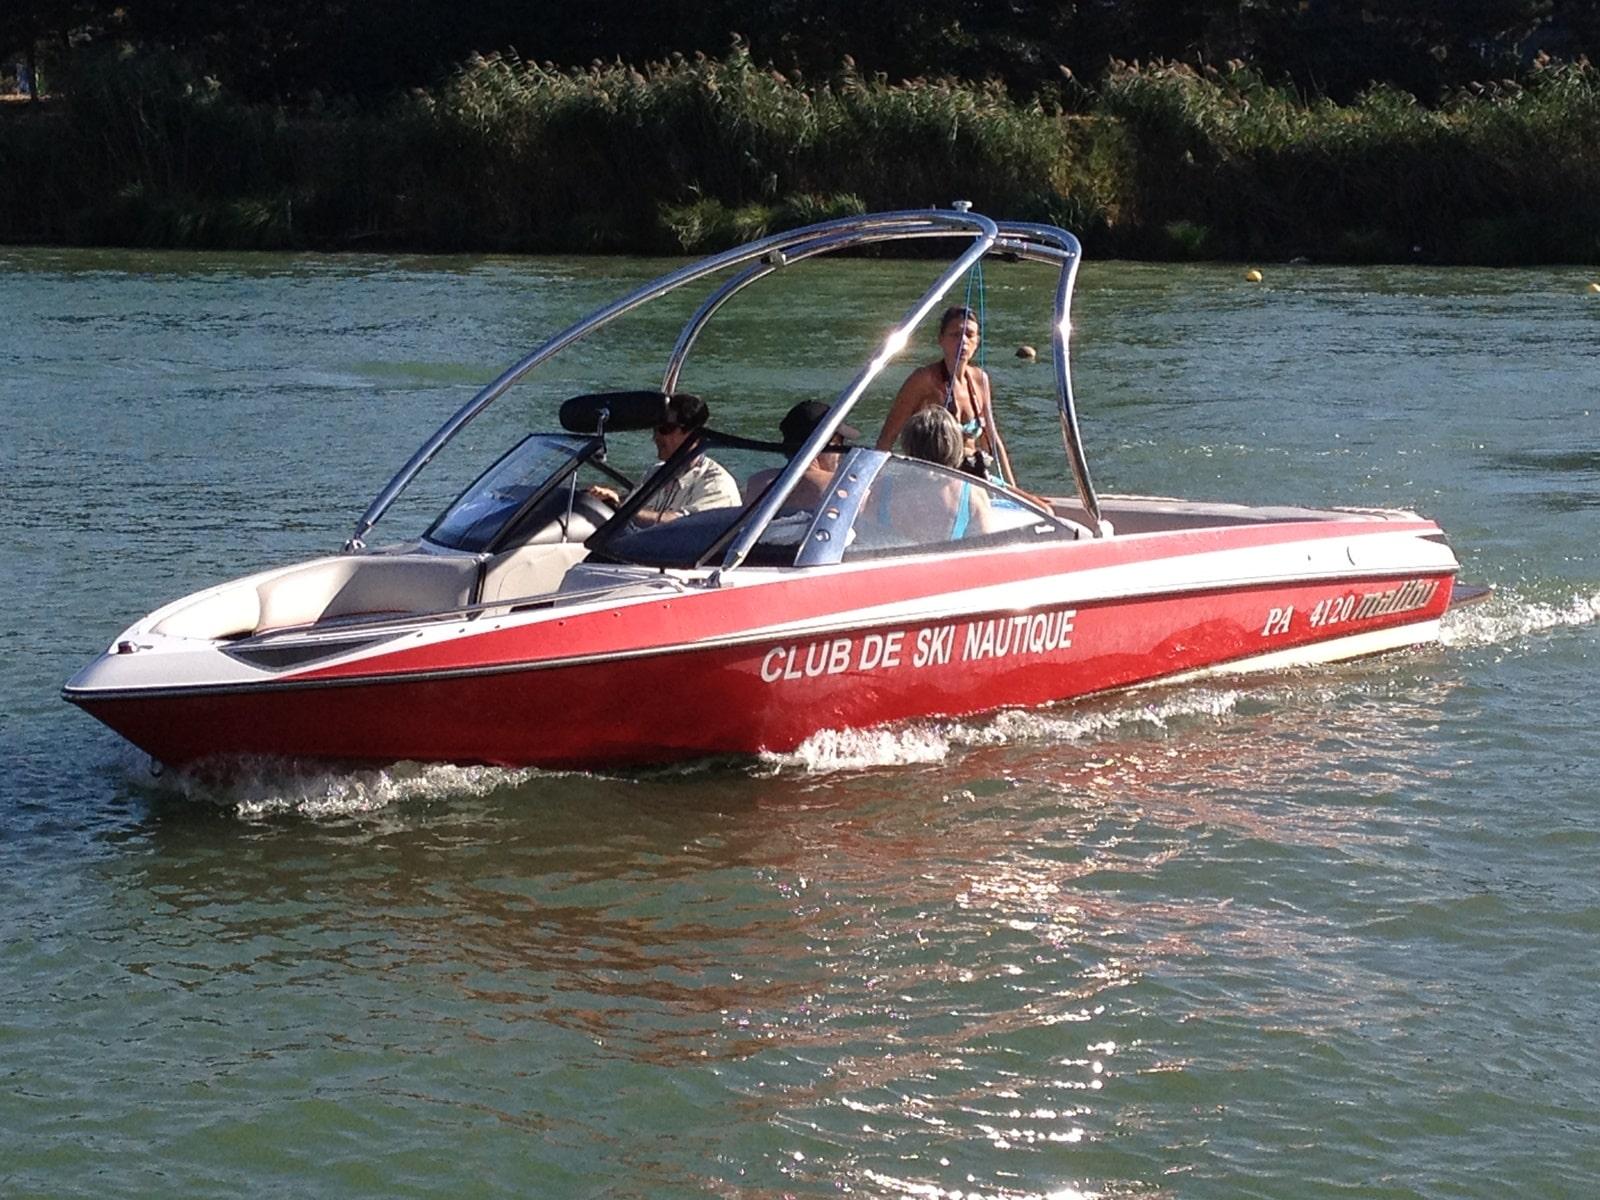 bateau-club-snc